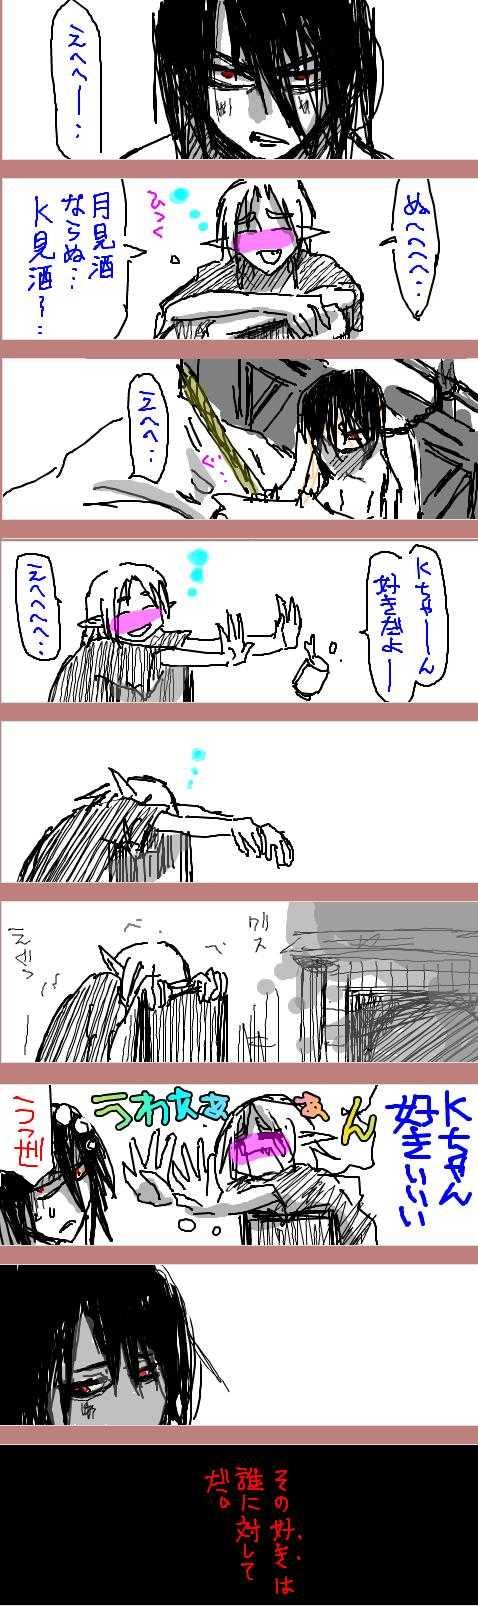 10代Kさんと泥酔最低G様 with 売り娘